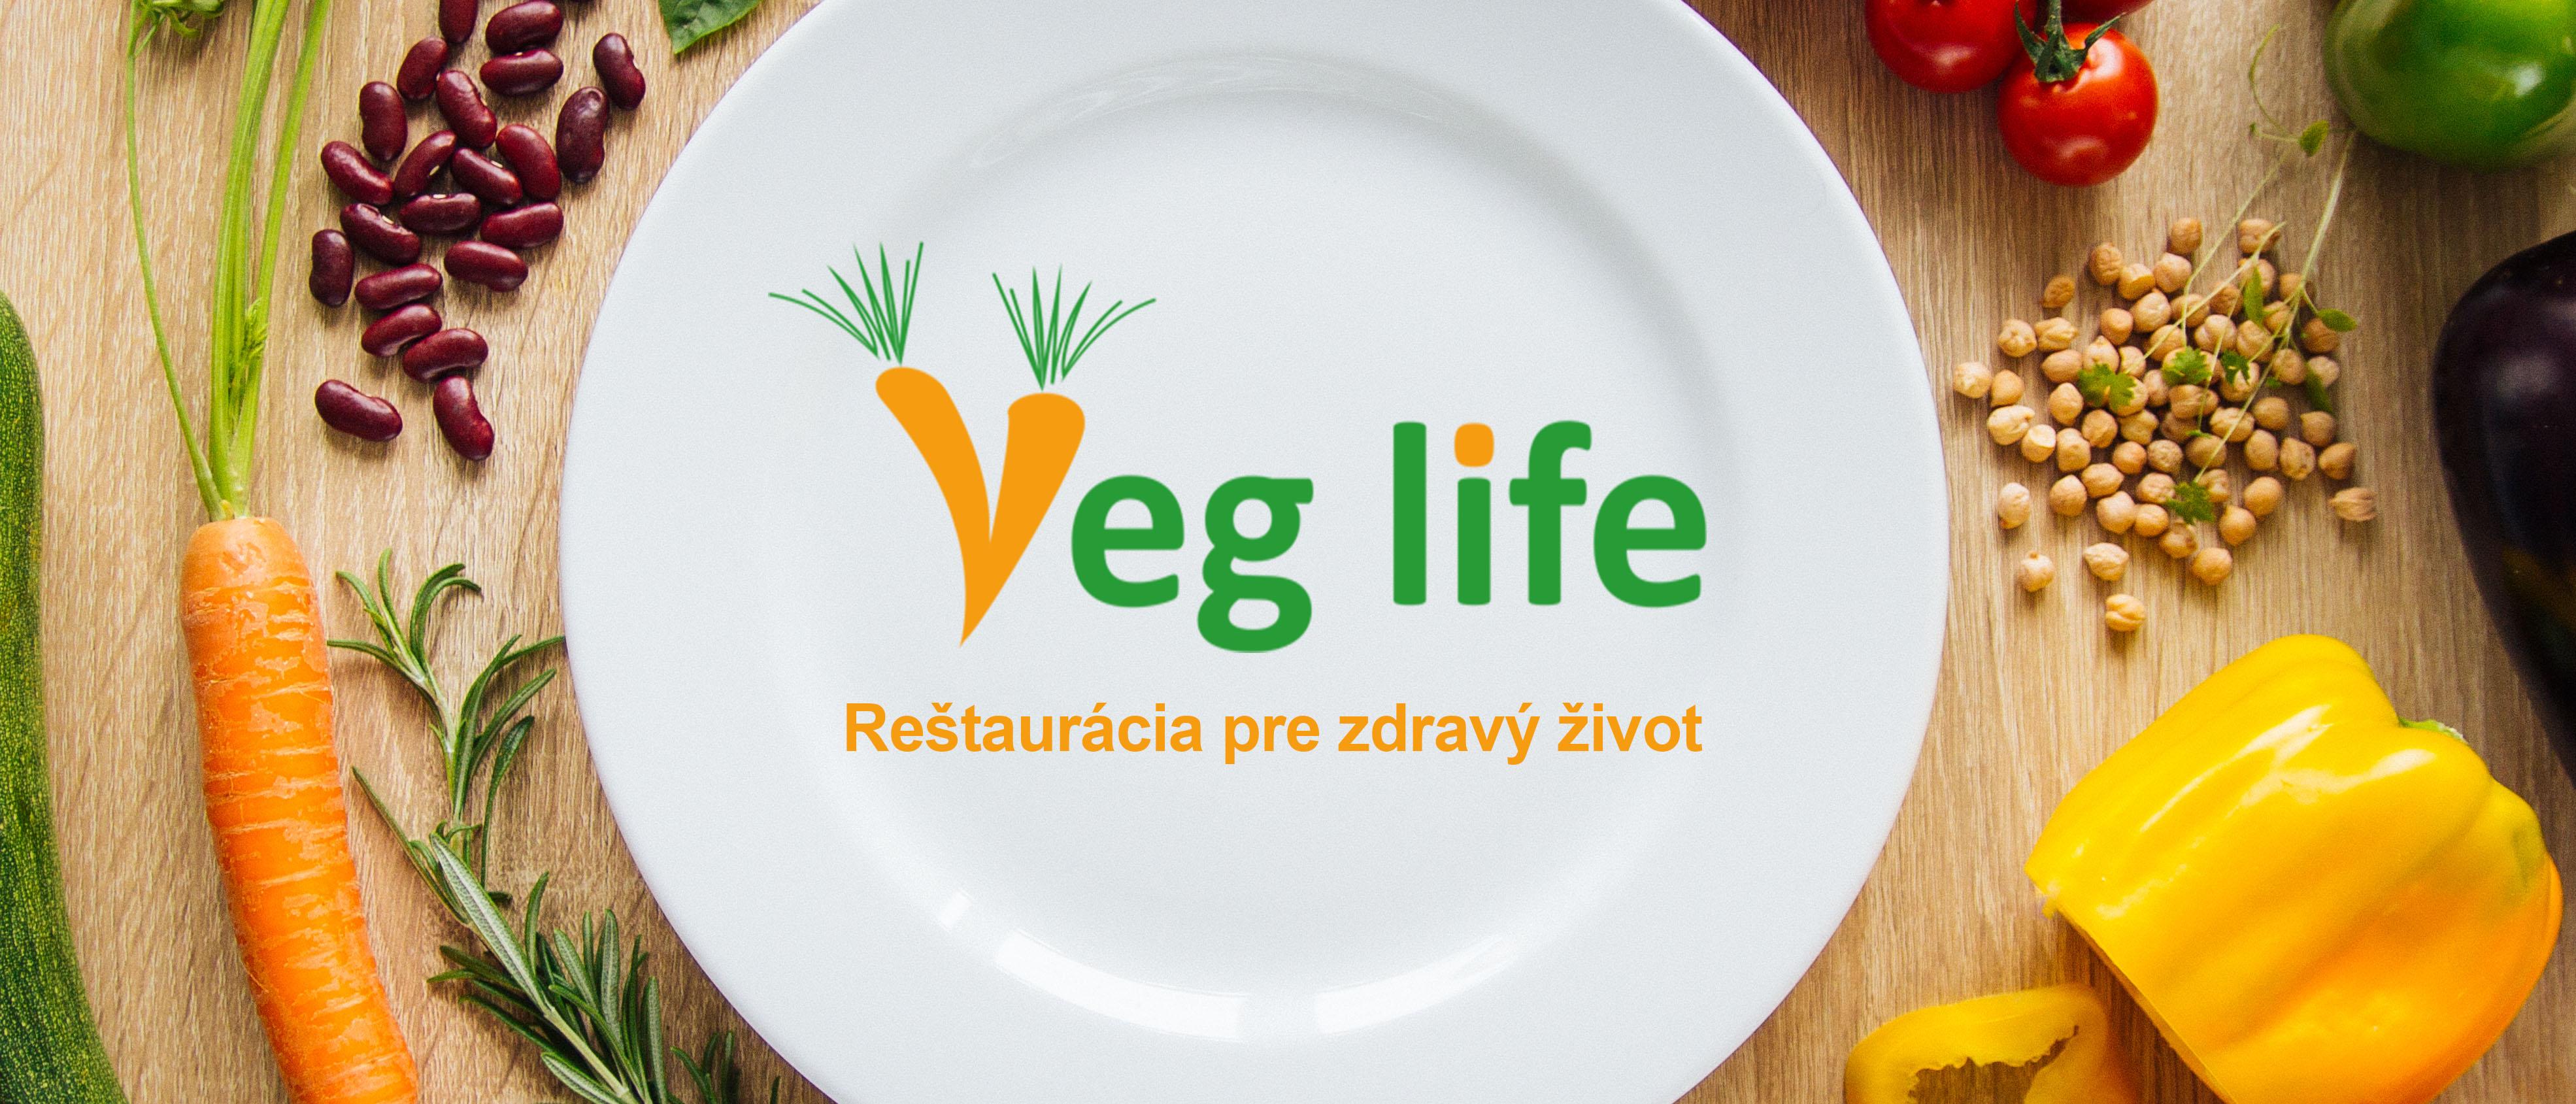 """Vegetariánsky streetfood a zdravé dezerty z """"dieľne"""" šéf kuchára a cukrárky Veglife."""